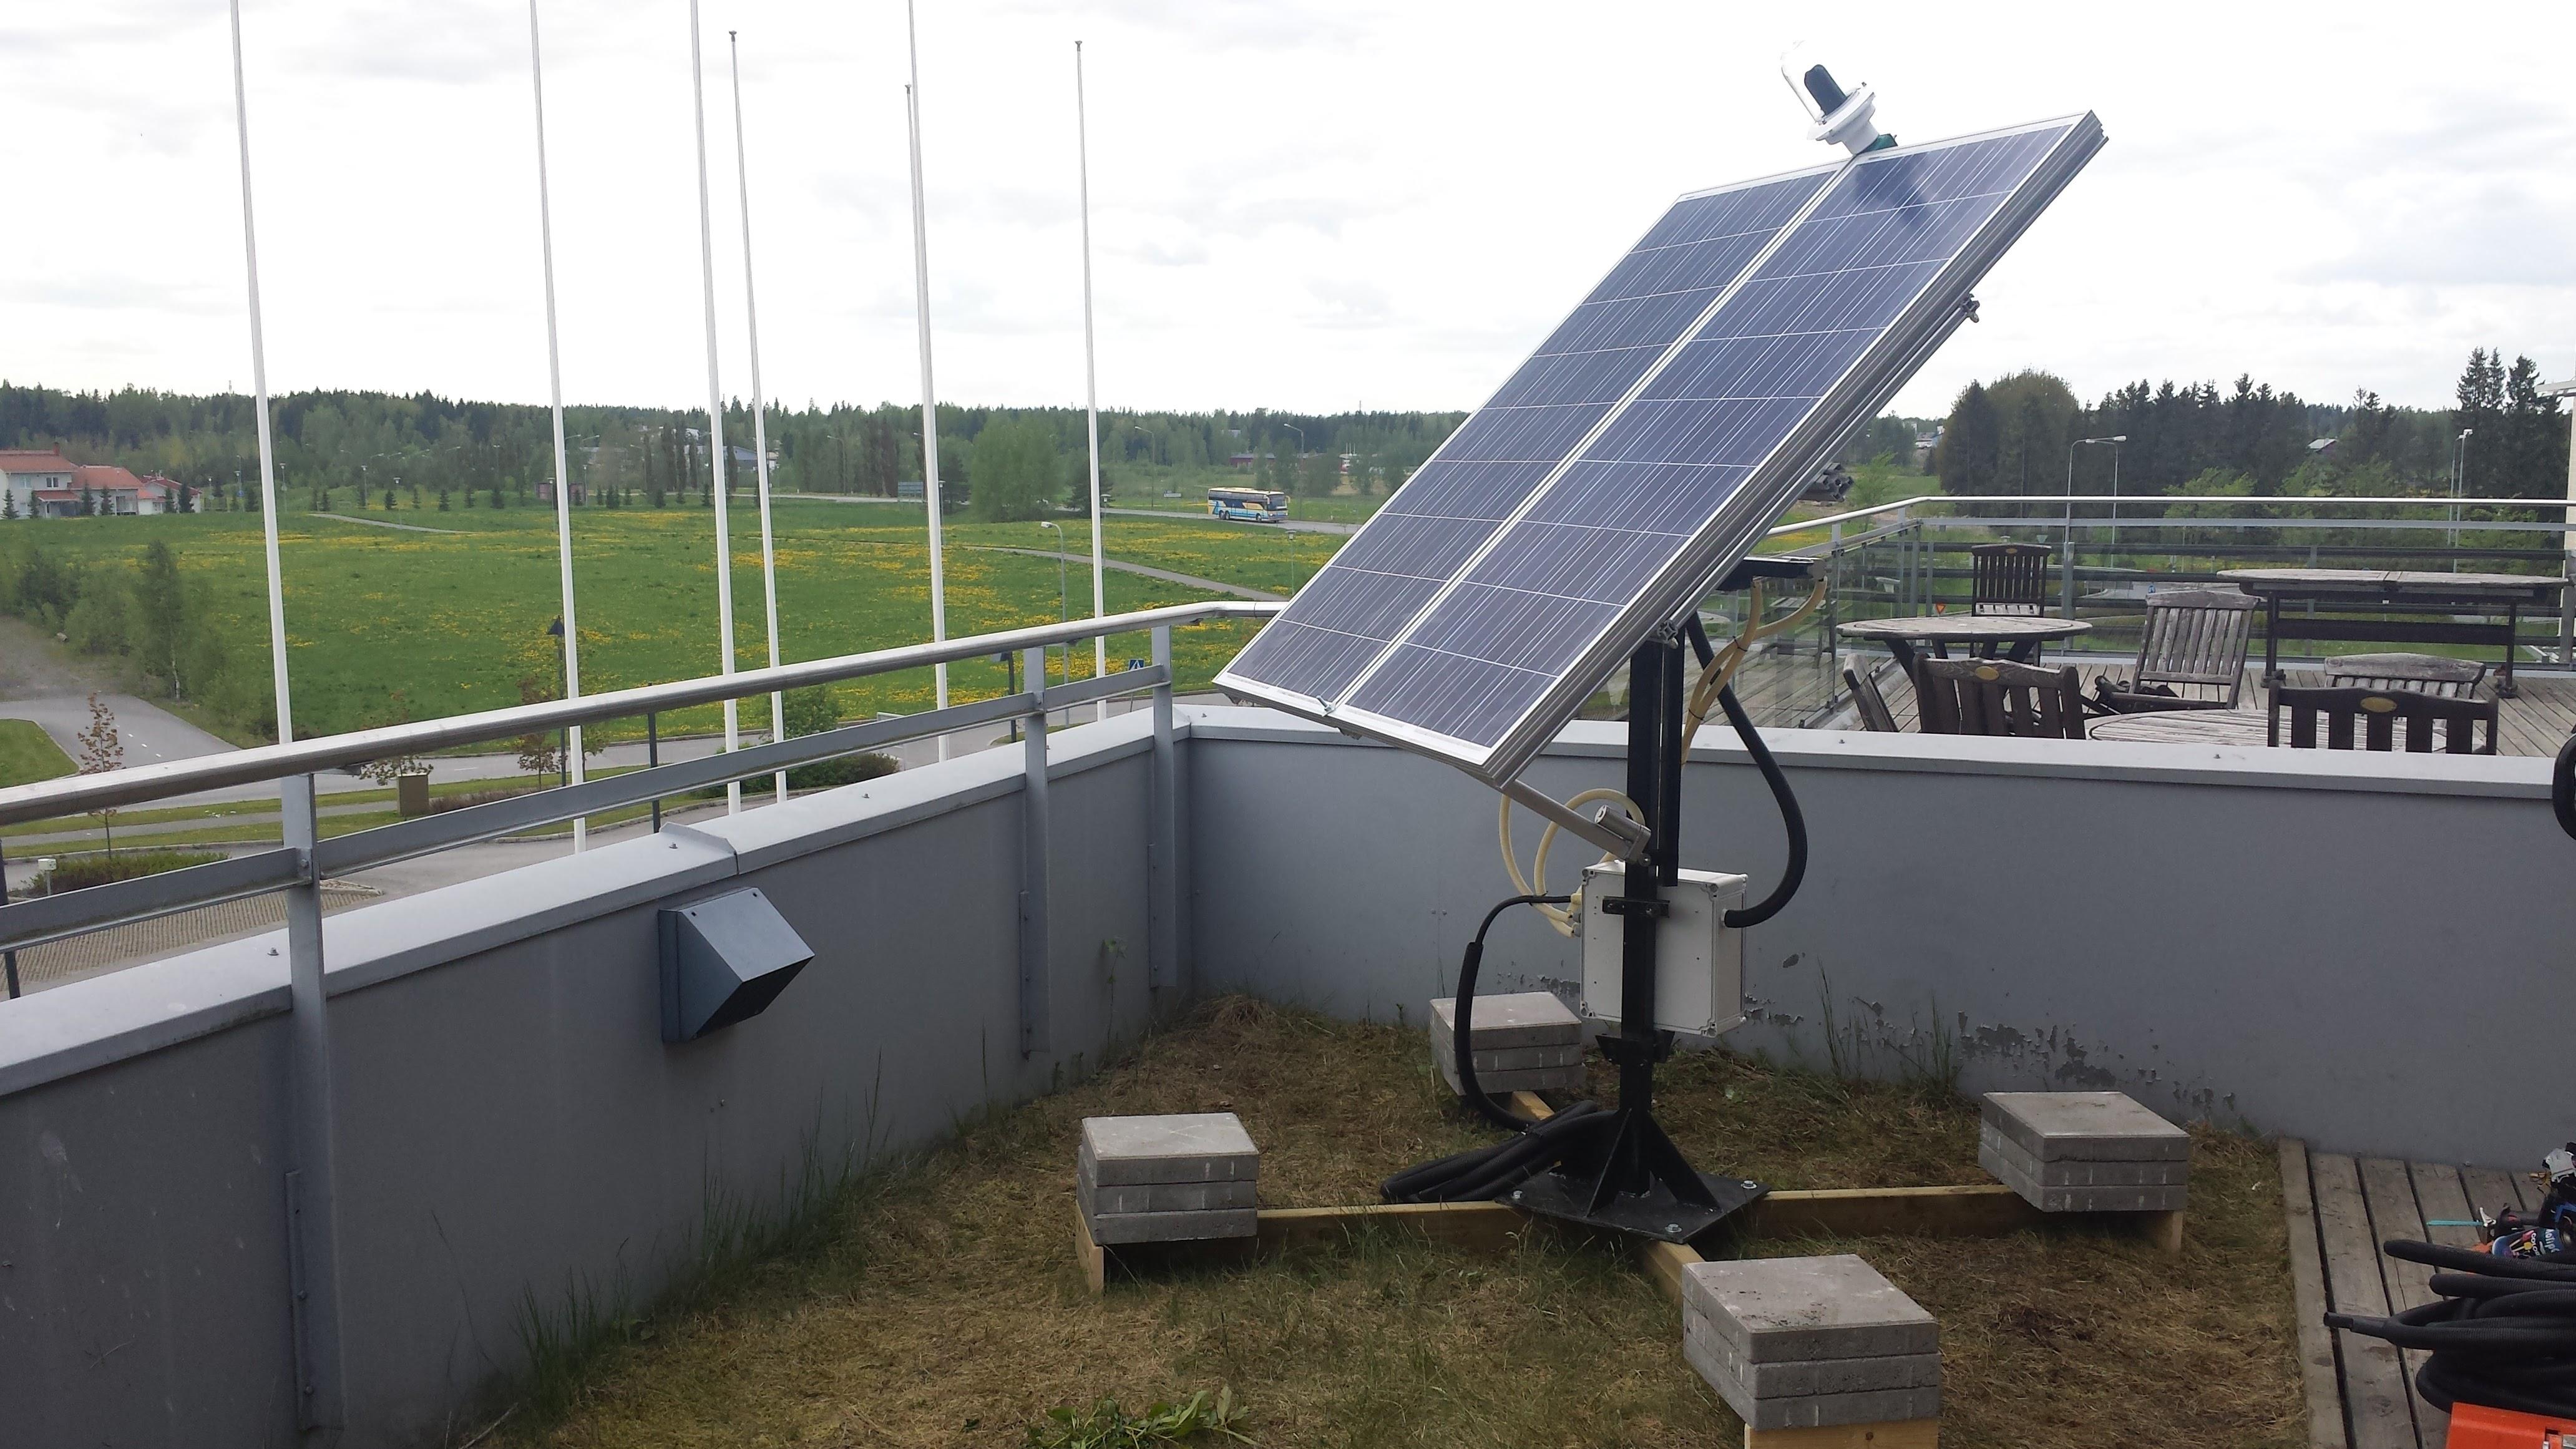 Pan Tilt Solar Tracker Powered By Arduino Mega Doubles As